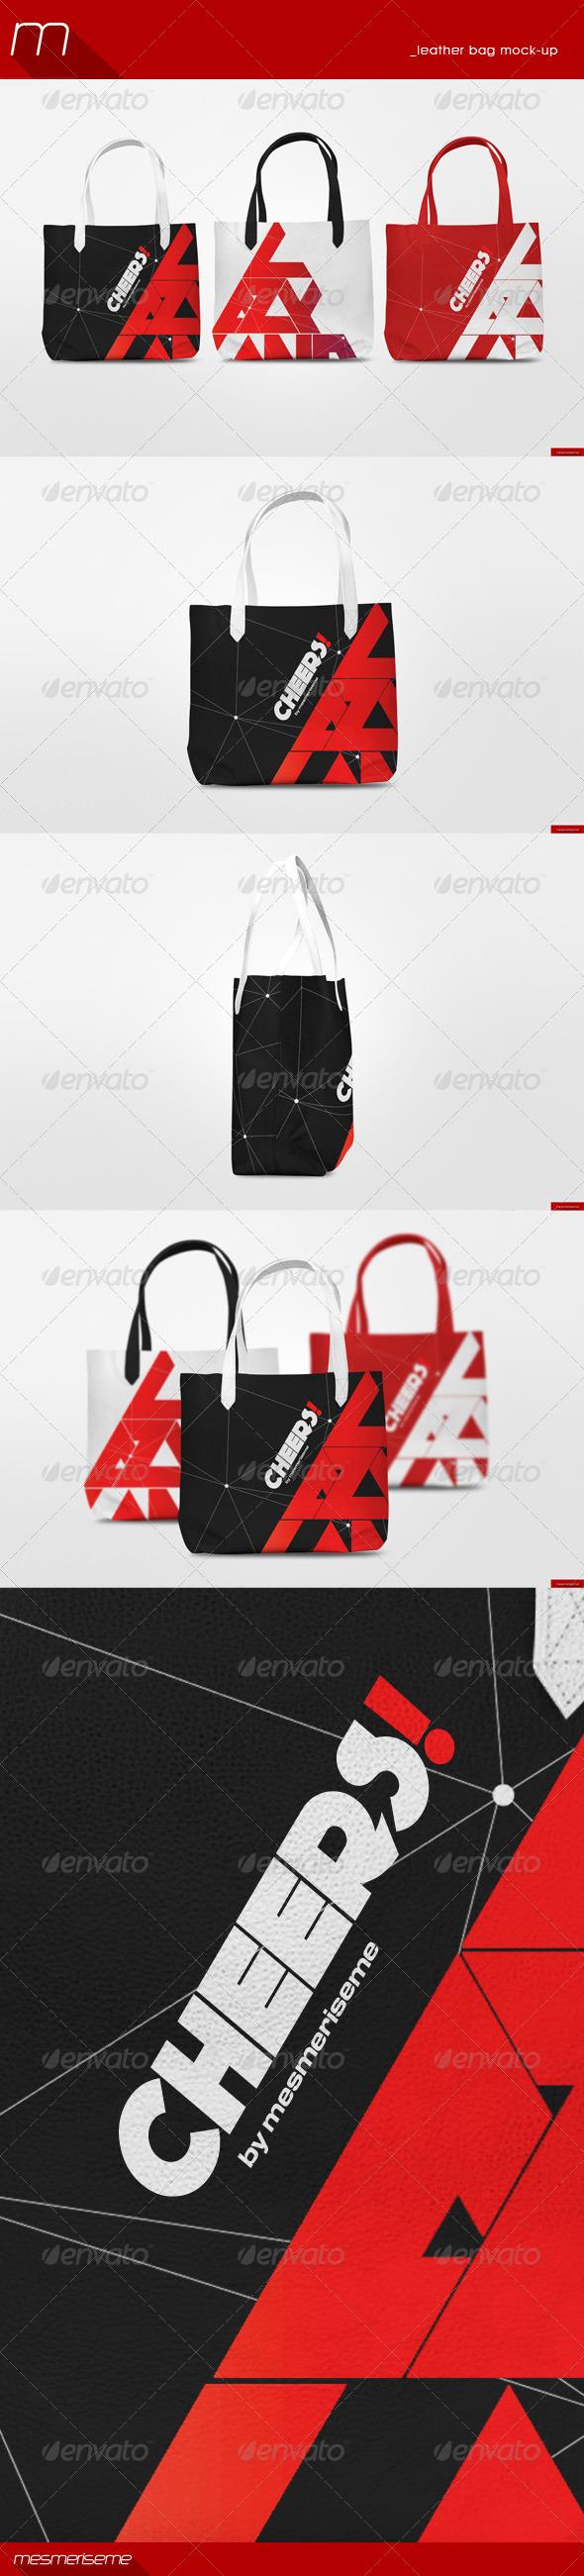 Download Leather Bag Mock Up Bag Mockup Leather Bag Mockup